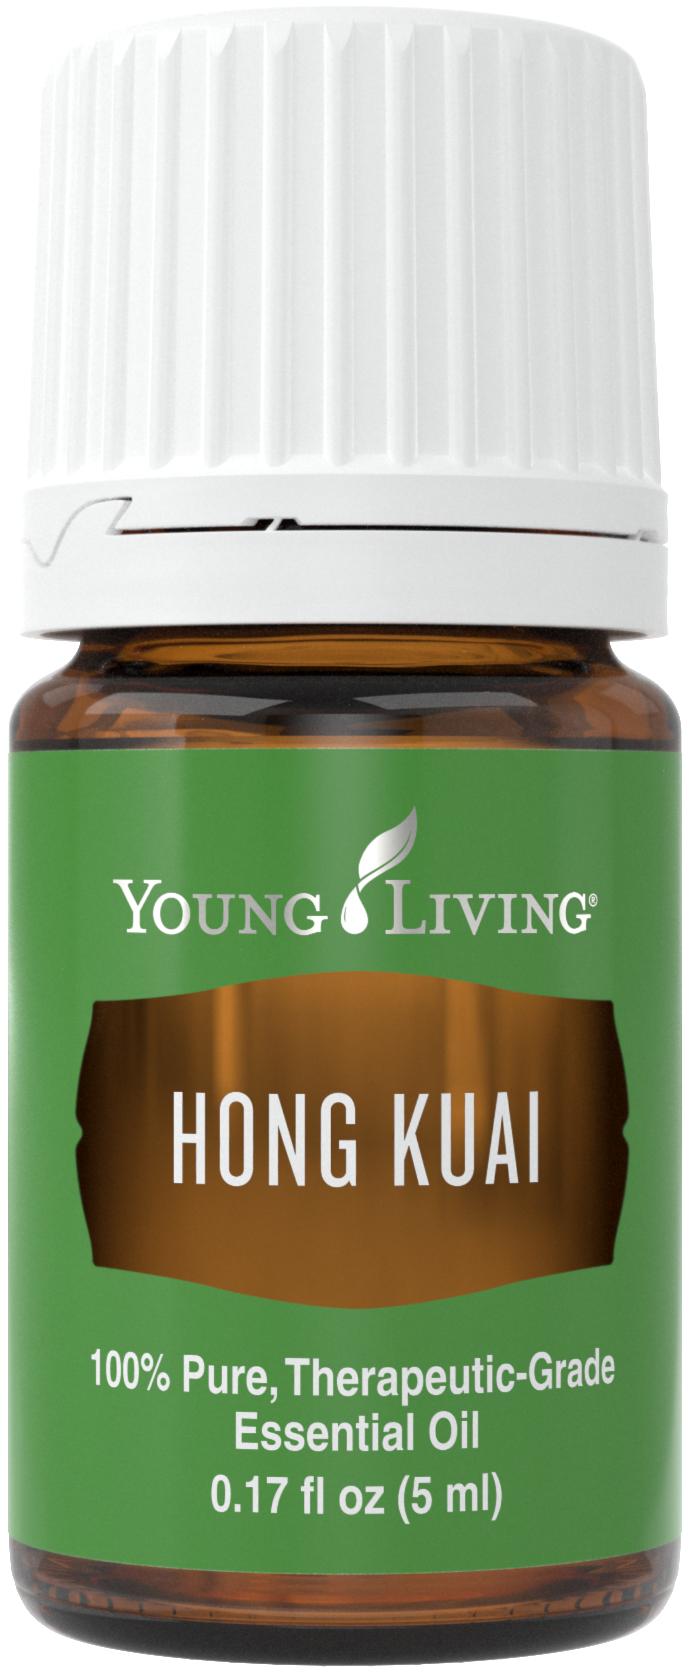 Hong Kuai.png